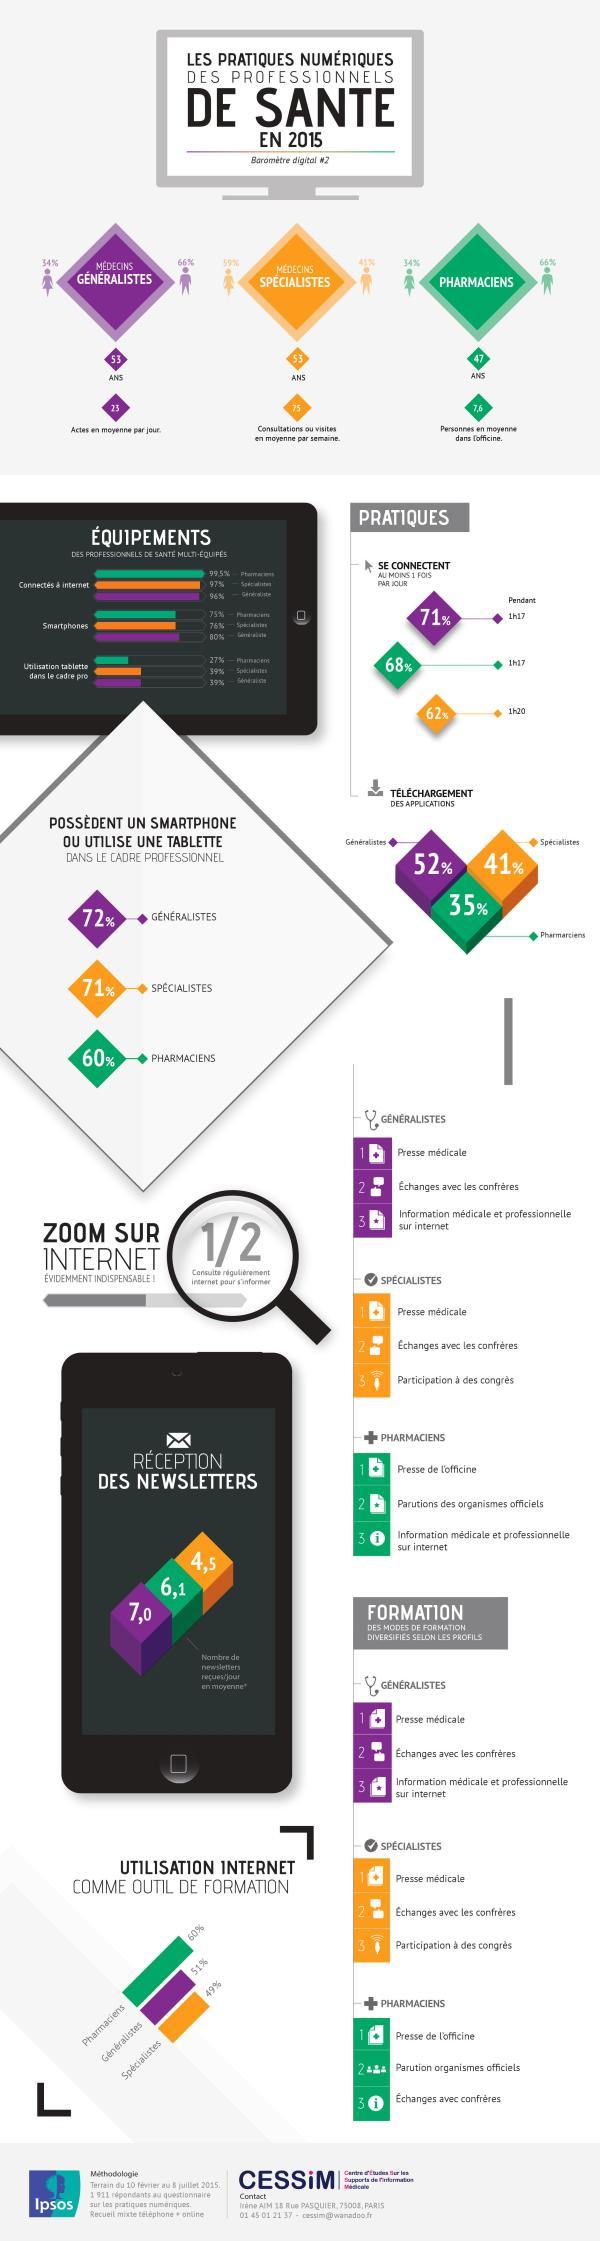 Infographie : usages digitaux des professionnels de santé